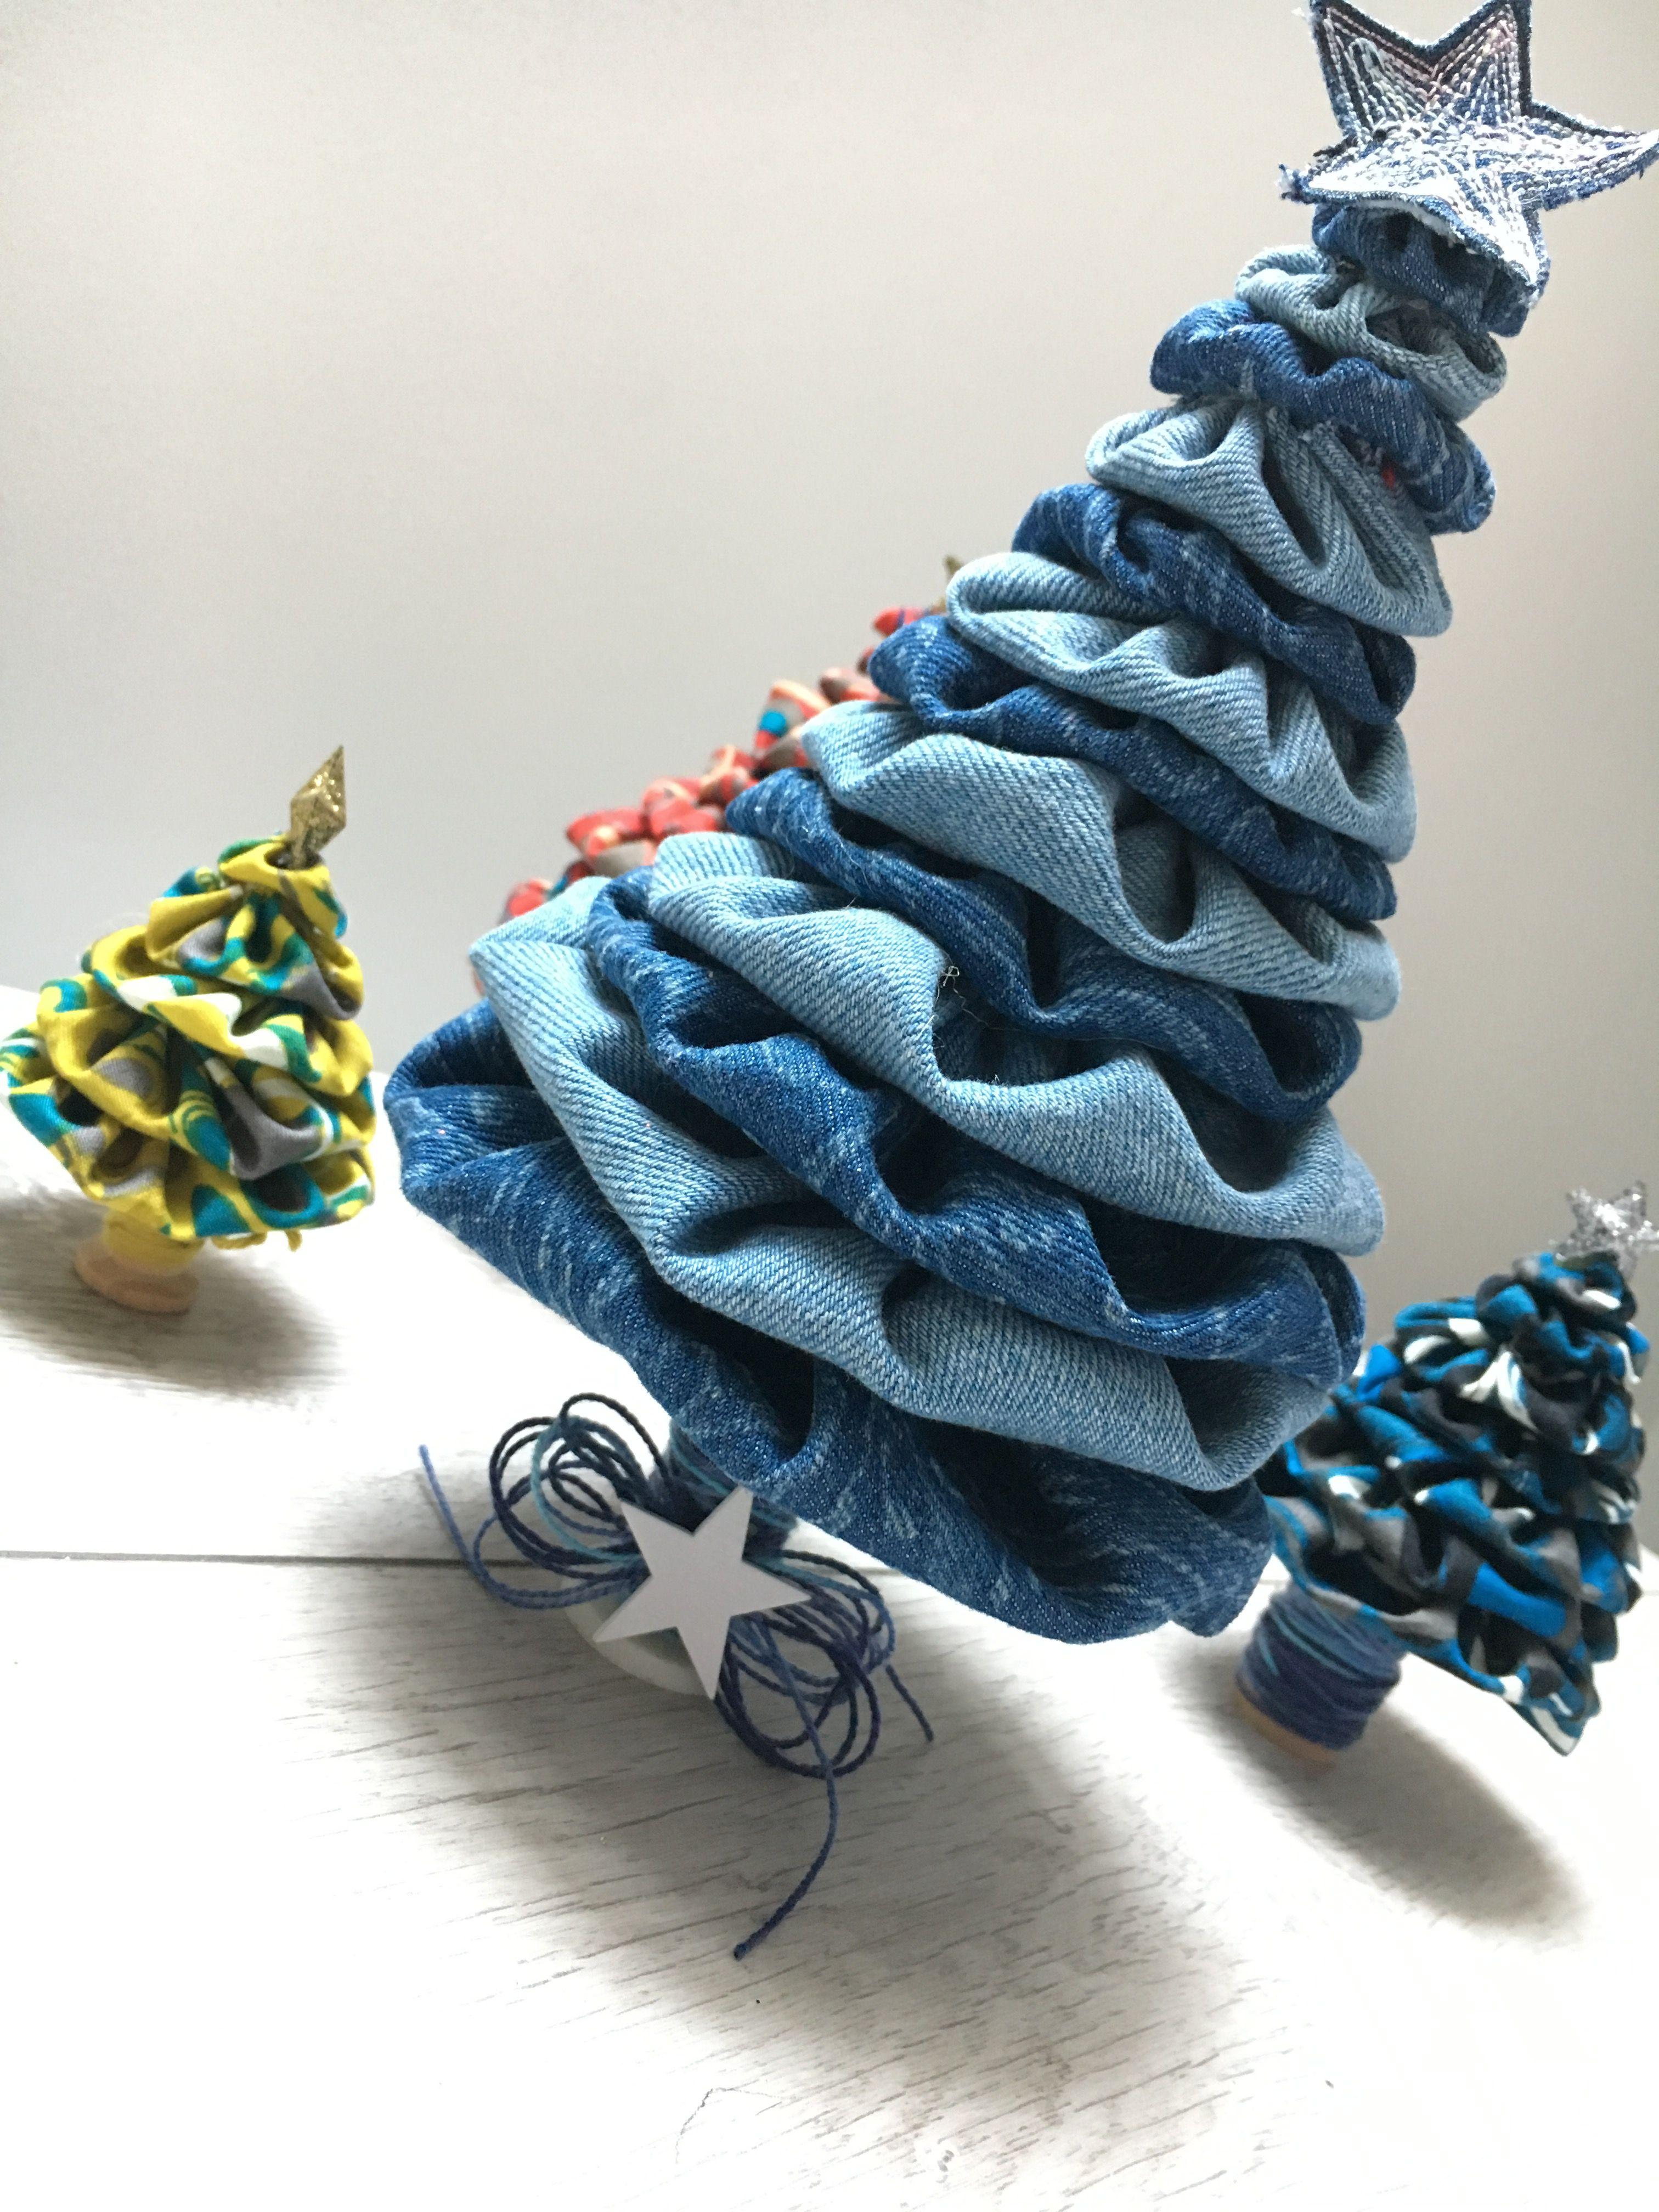 Addobbi Natalizi Jeans.Diy Tutorial Realizza Un Alberello Di Natale In Tessuto Https Youtu Be Xmhabrnt1dy Artigianato Denim Idee Per Decorazioni Natalizie Fai Da Te Jeans